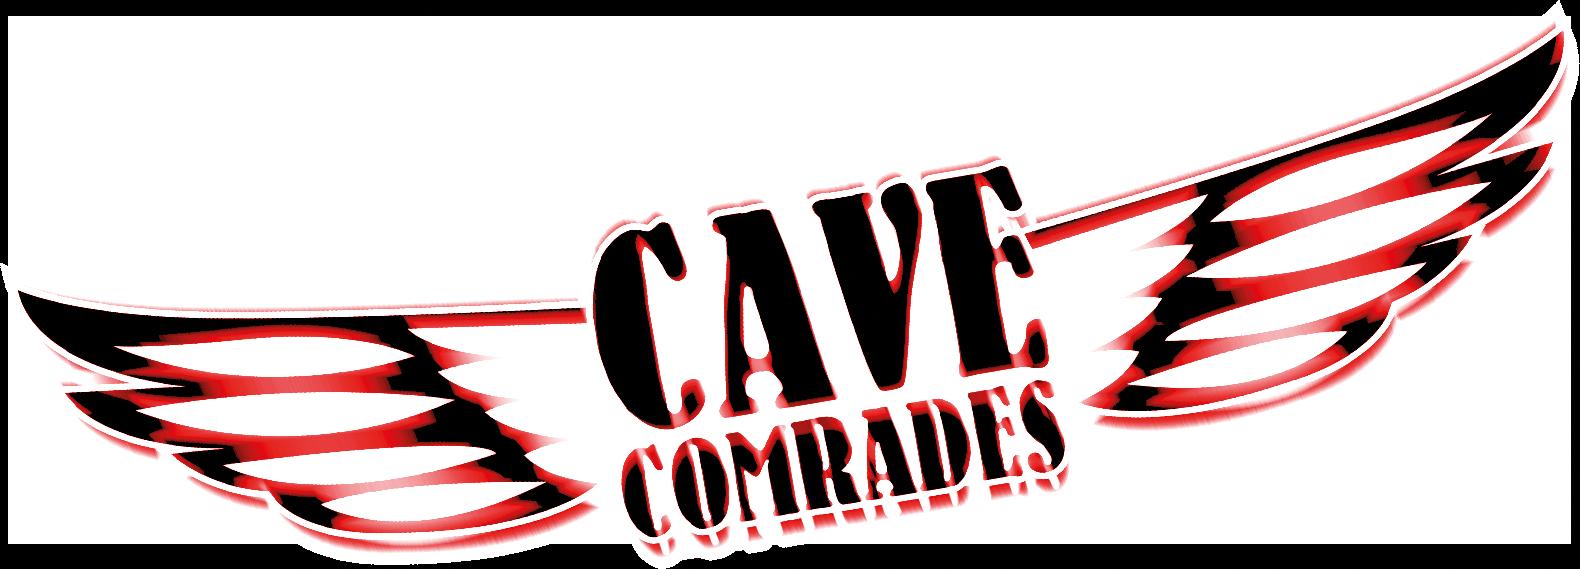 Cave Comrades